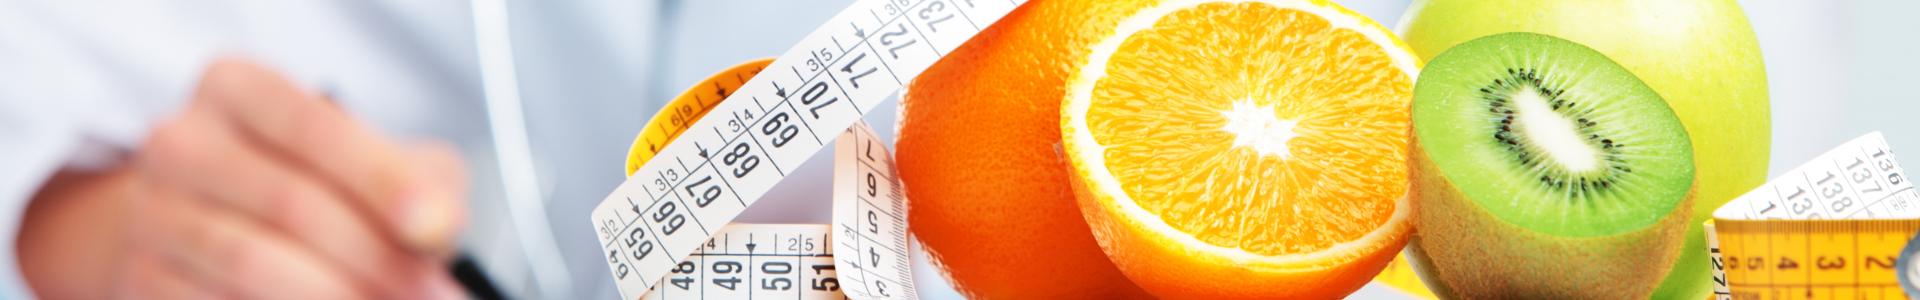 Une alimentation saine pour perdre du poids spéciale diabétiques